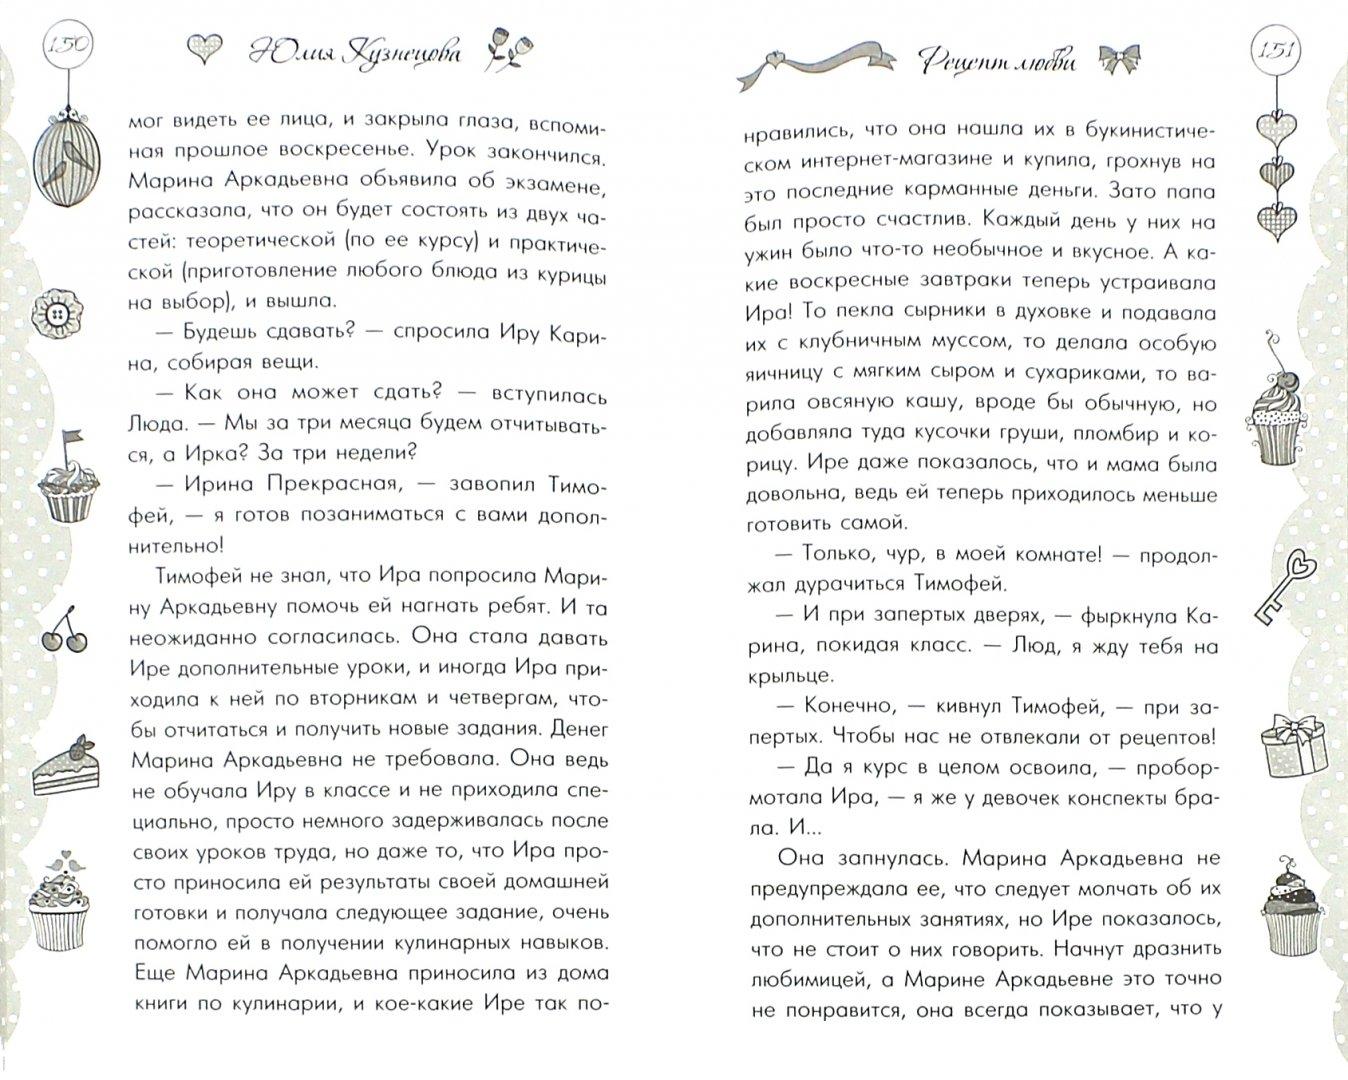 Иллюстрация 1 из 15 для Рецепт любви - Юлия Кузнецова   Лабиринт - книги. Источник: Лабиринт